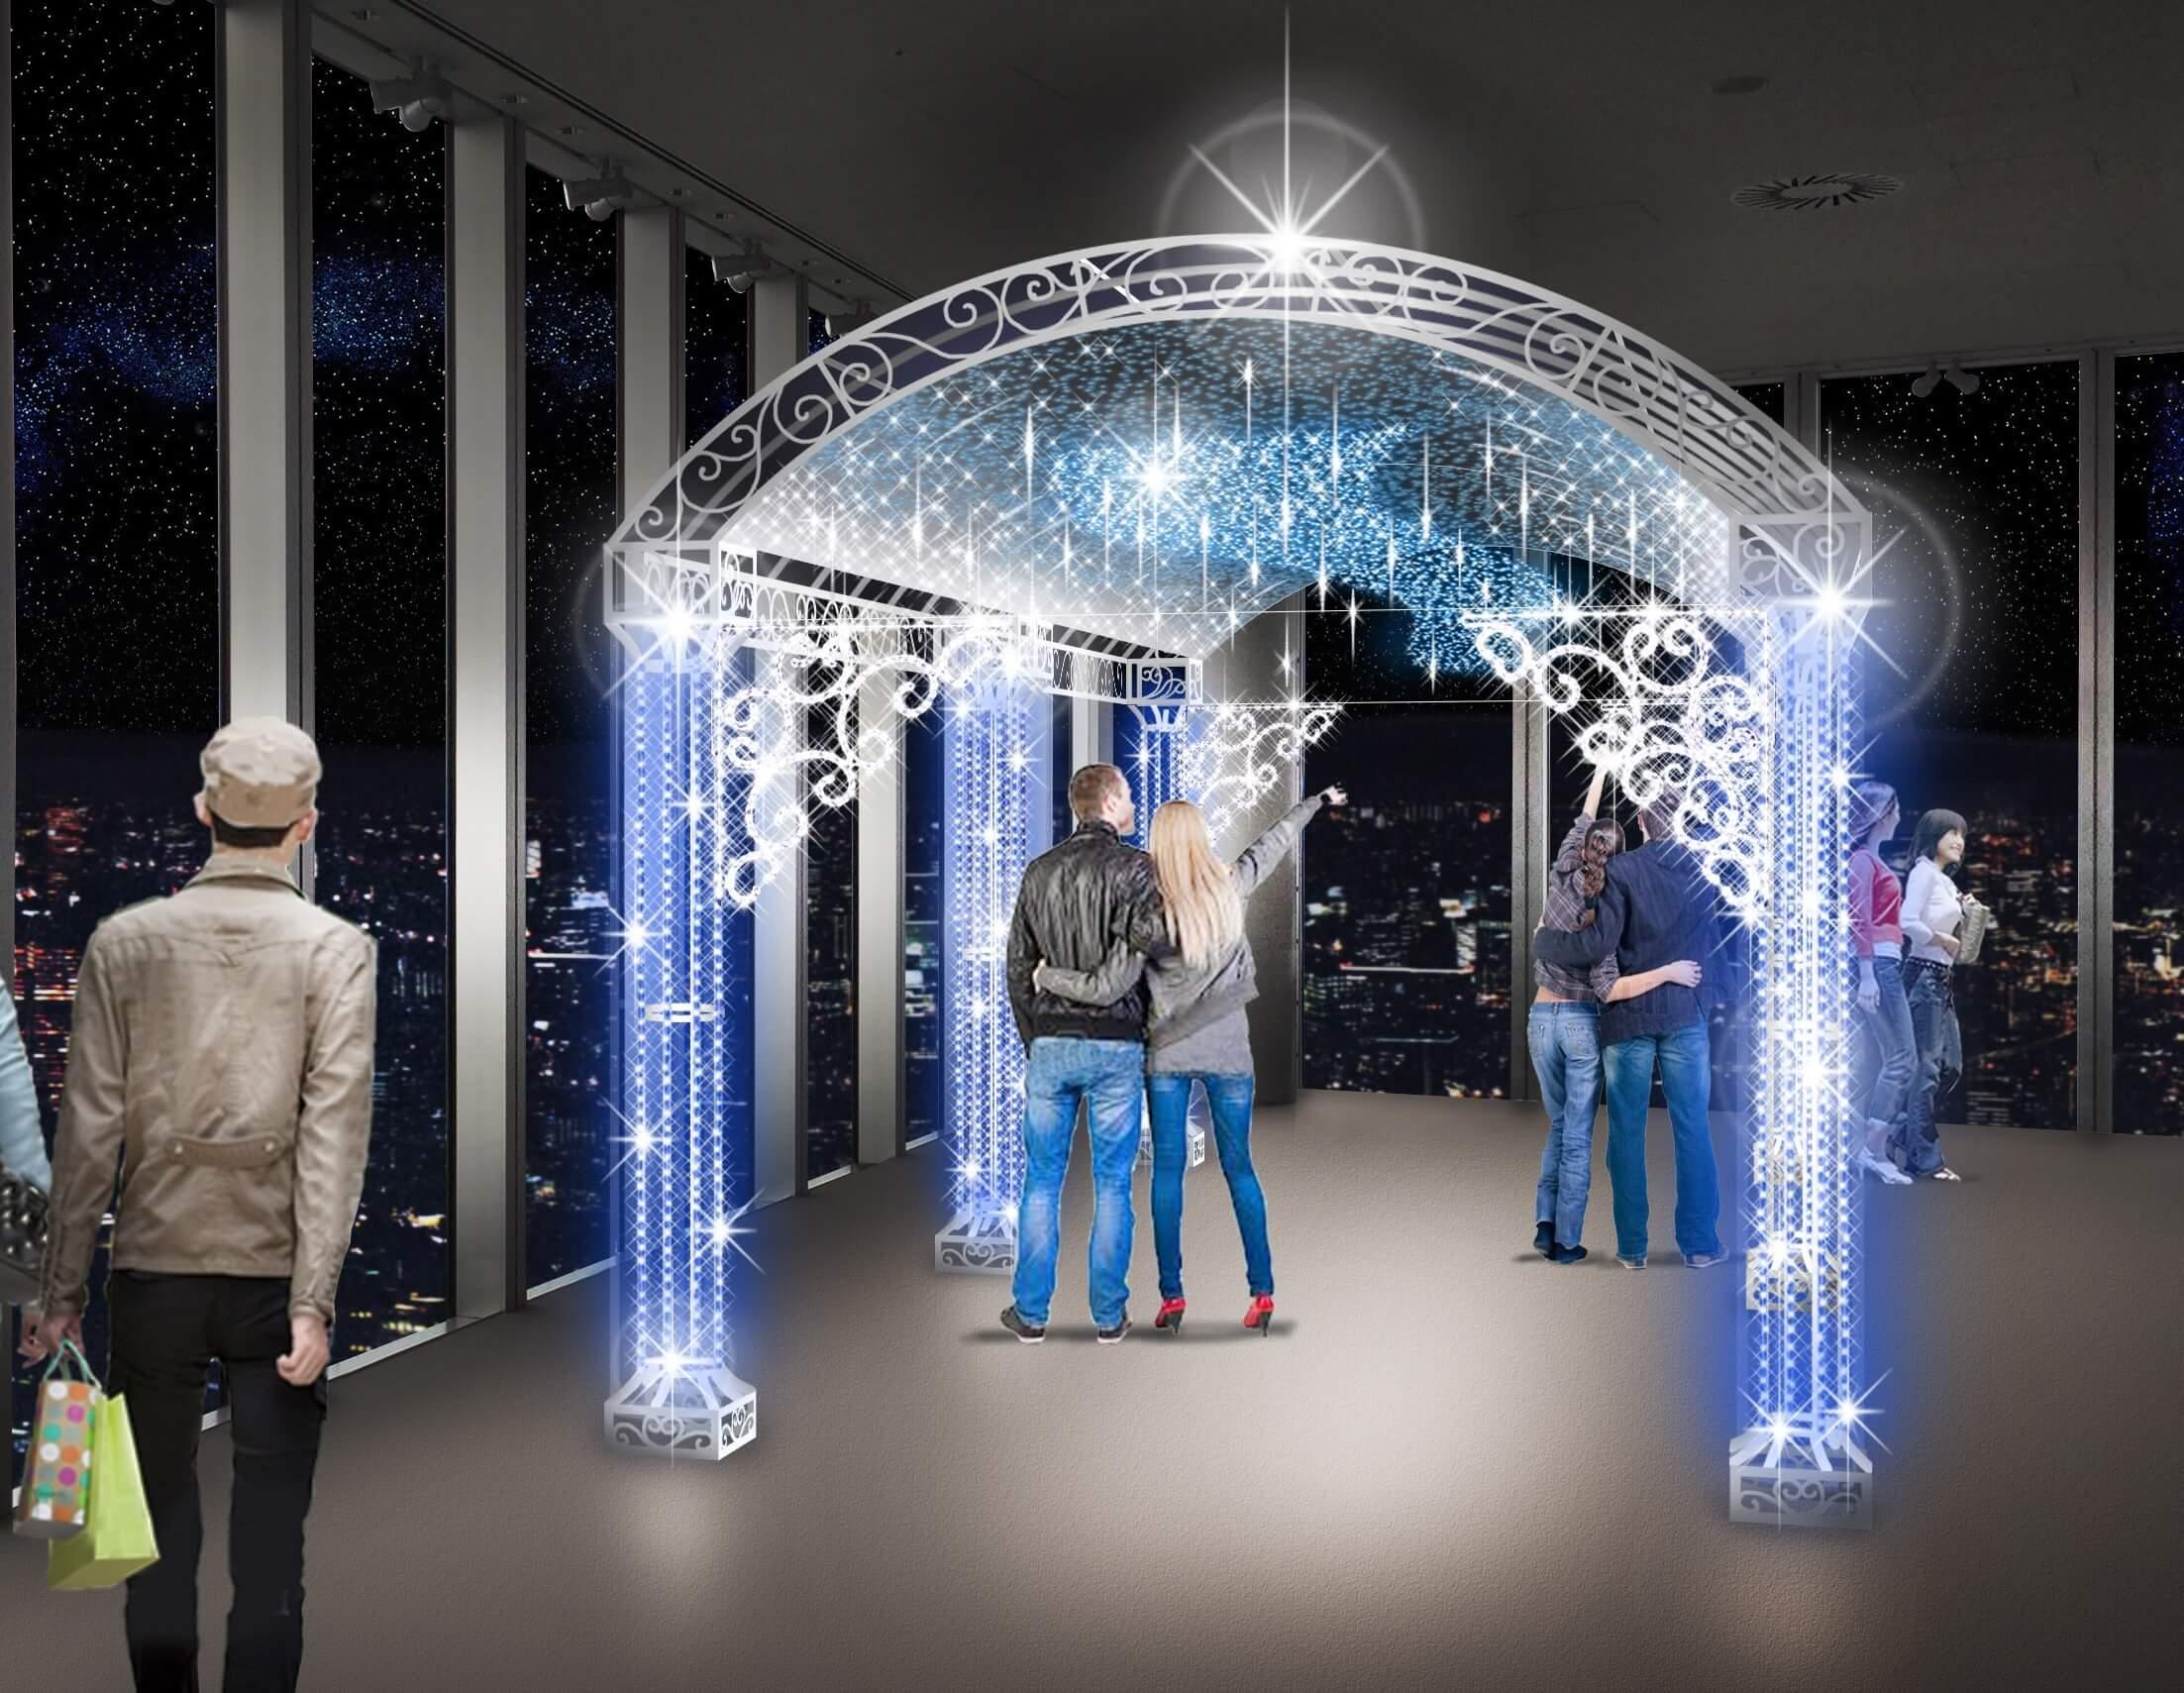 大阪「阿倍野HARUKAS 天空燈展 2018」活動登場 在大阪、燈飾、